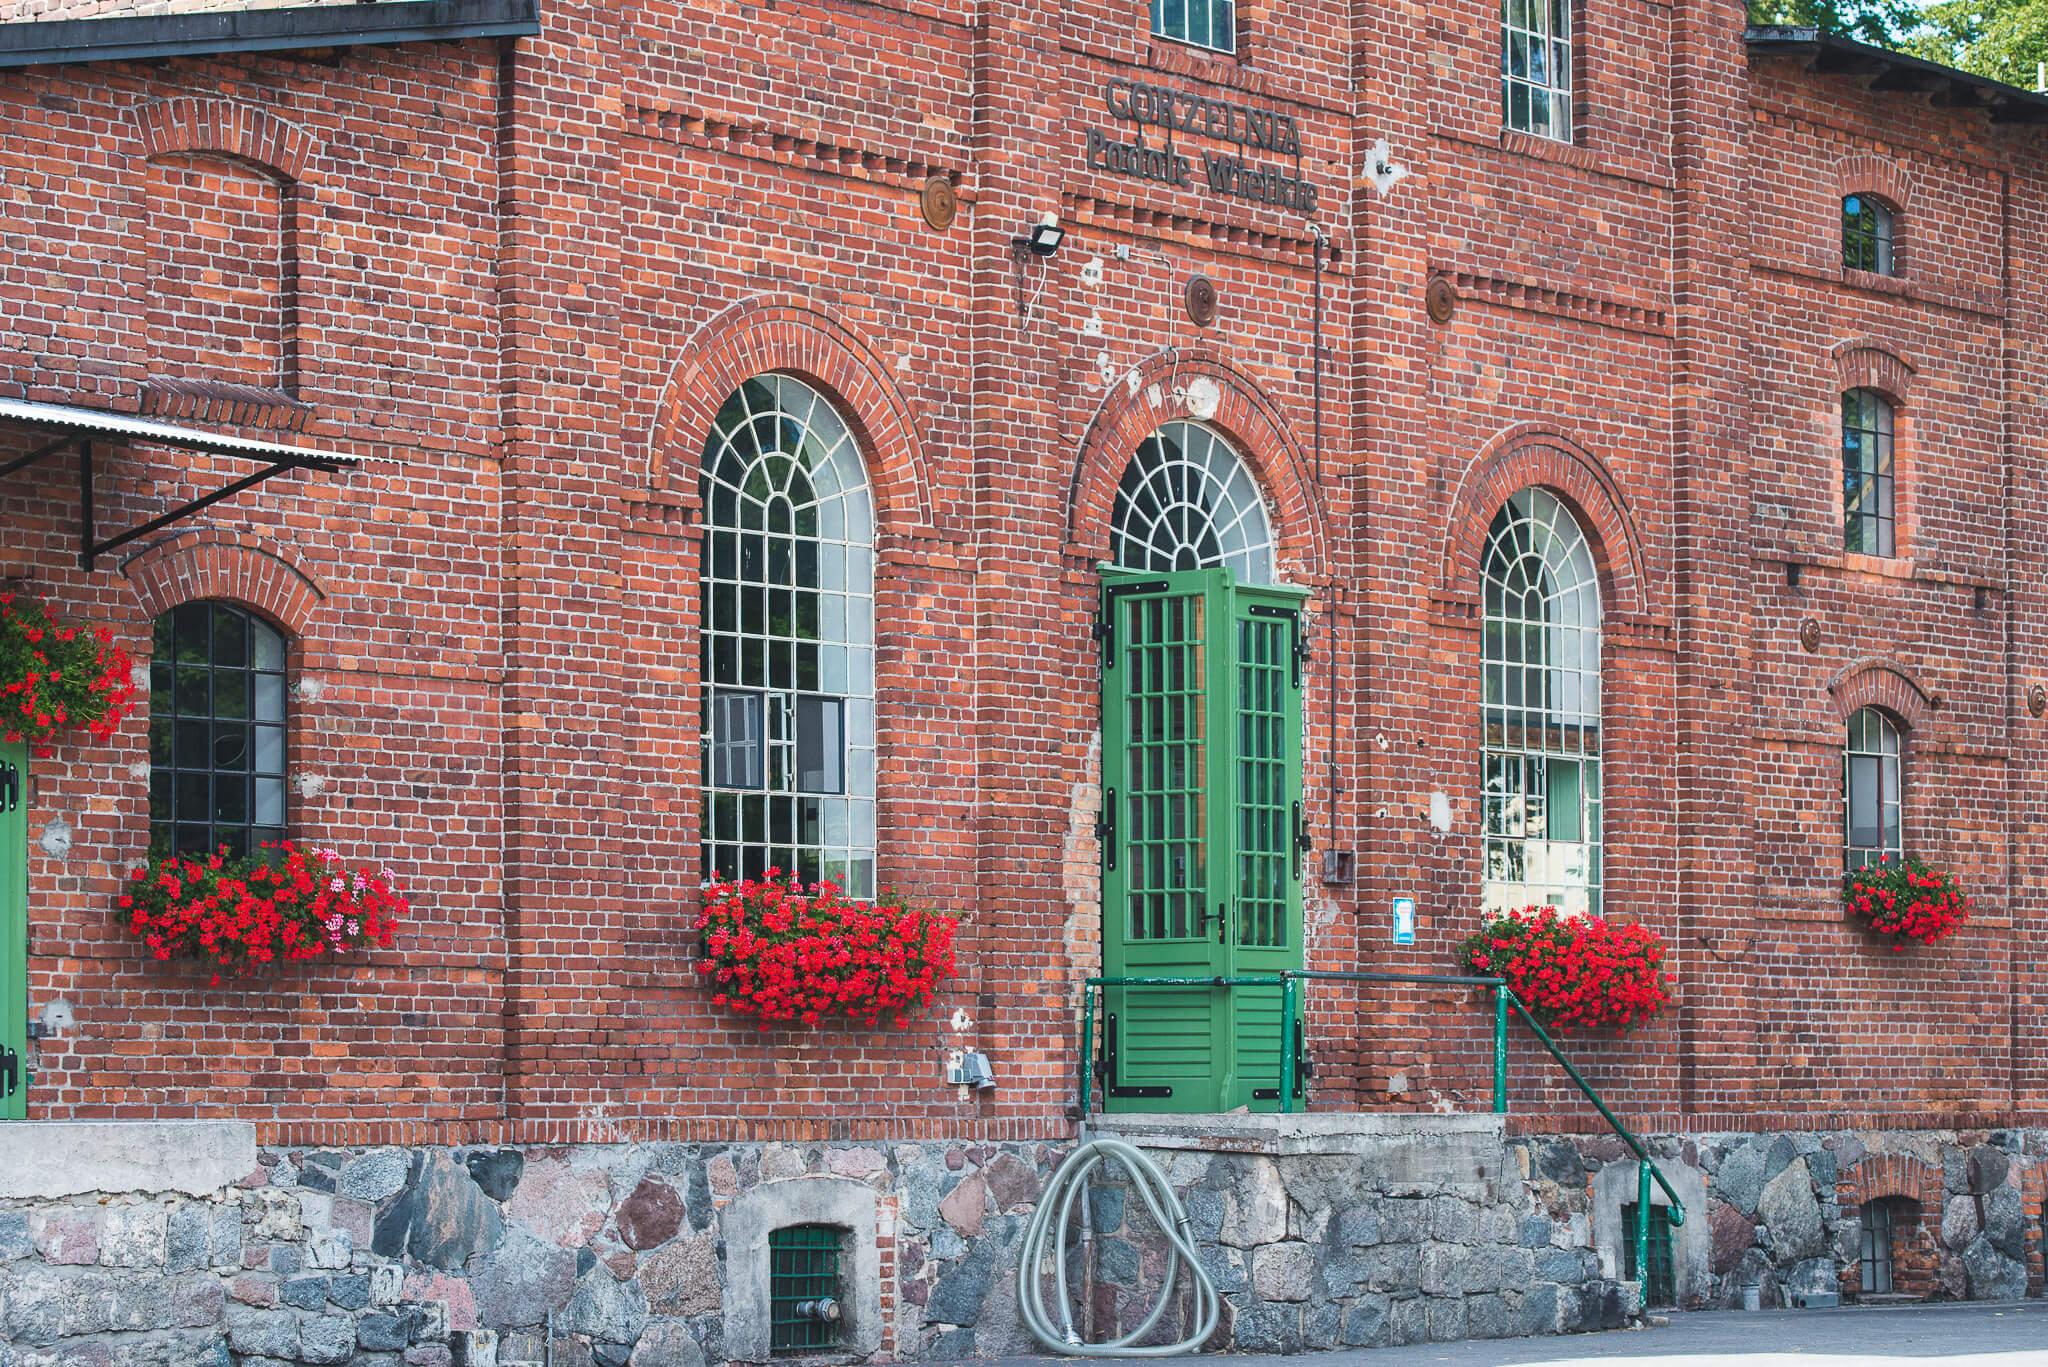 Gorzelnia Podole Wielkie 12 1 - Podole Wielkie. A distillery found on tradition